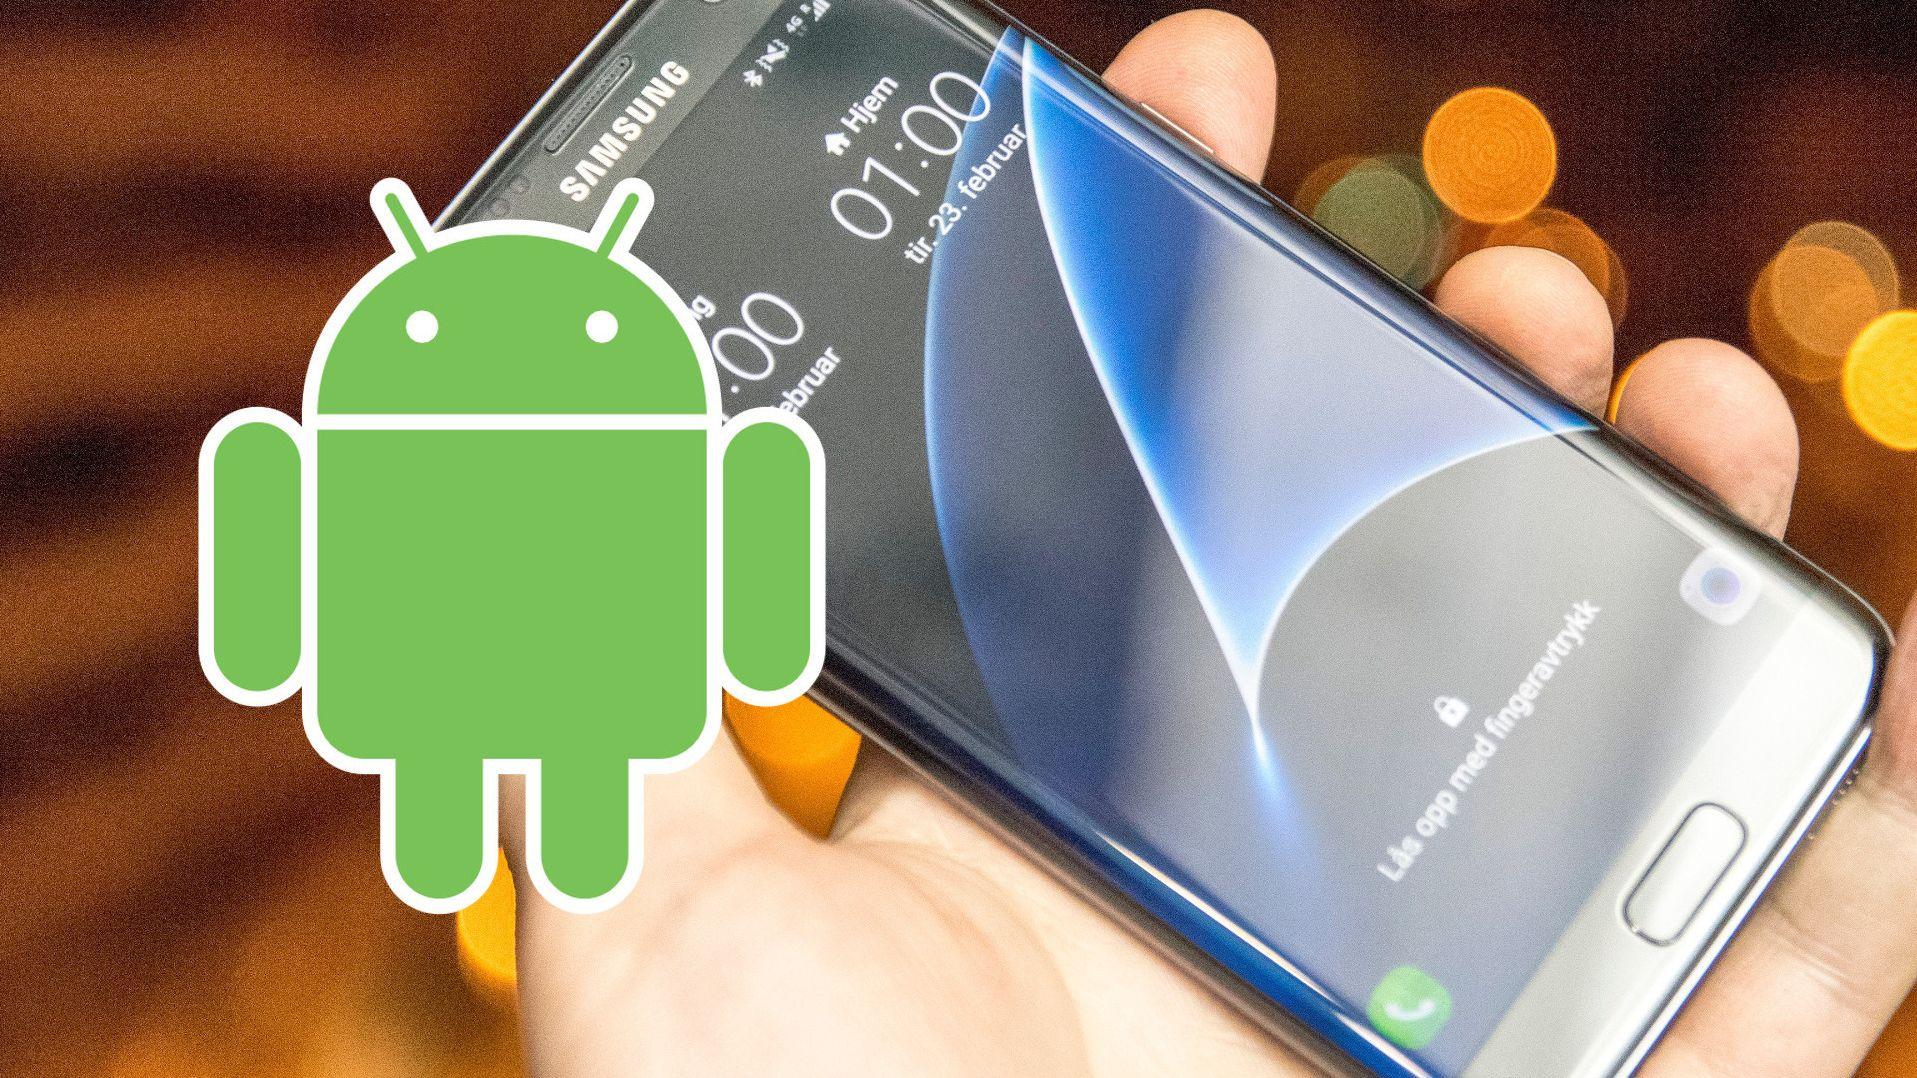 9 av 10 Android-brukere har ikke oppgradert til siste versjon